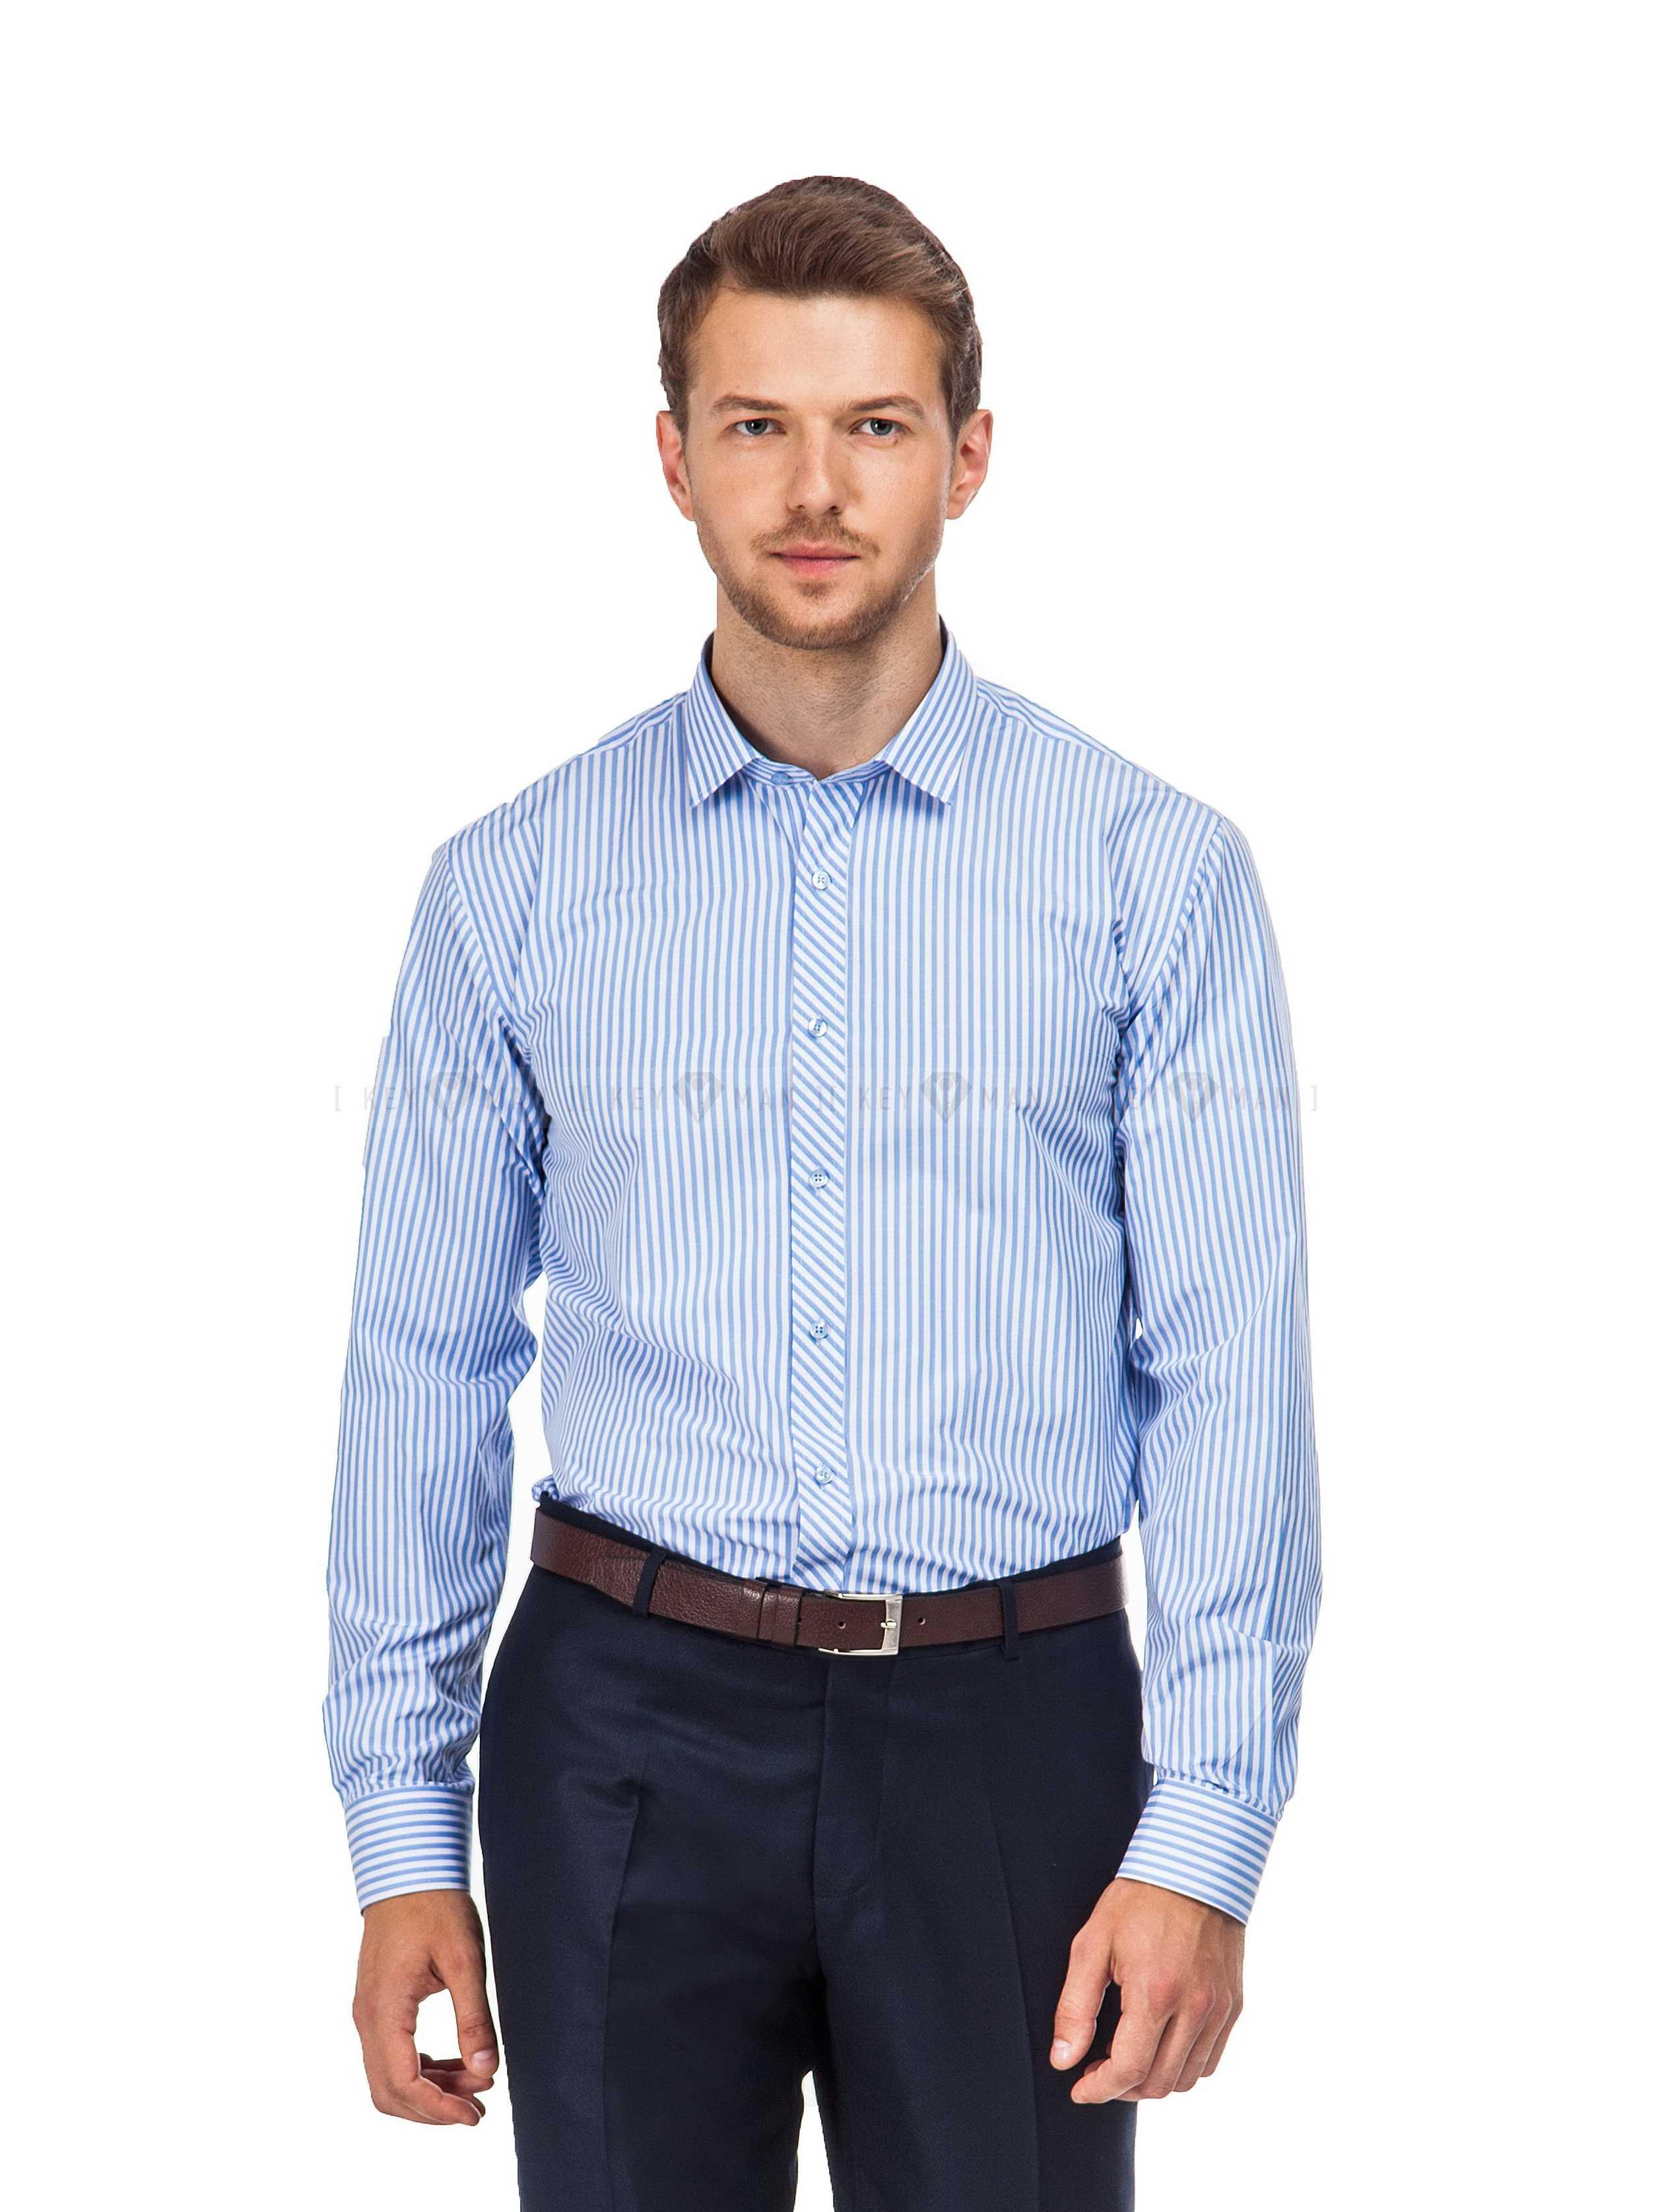 Рубашка мужская в крупную голубую полоску